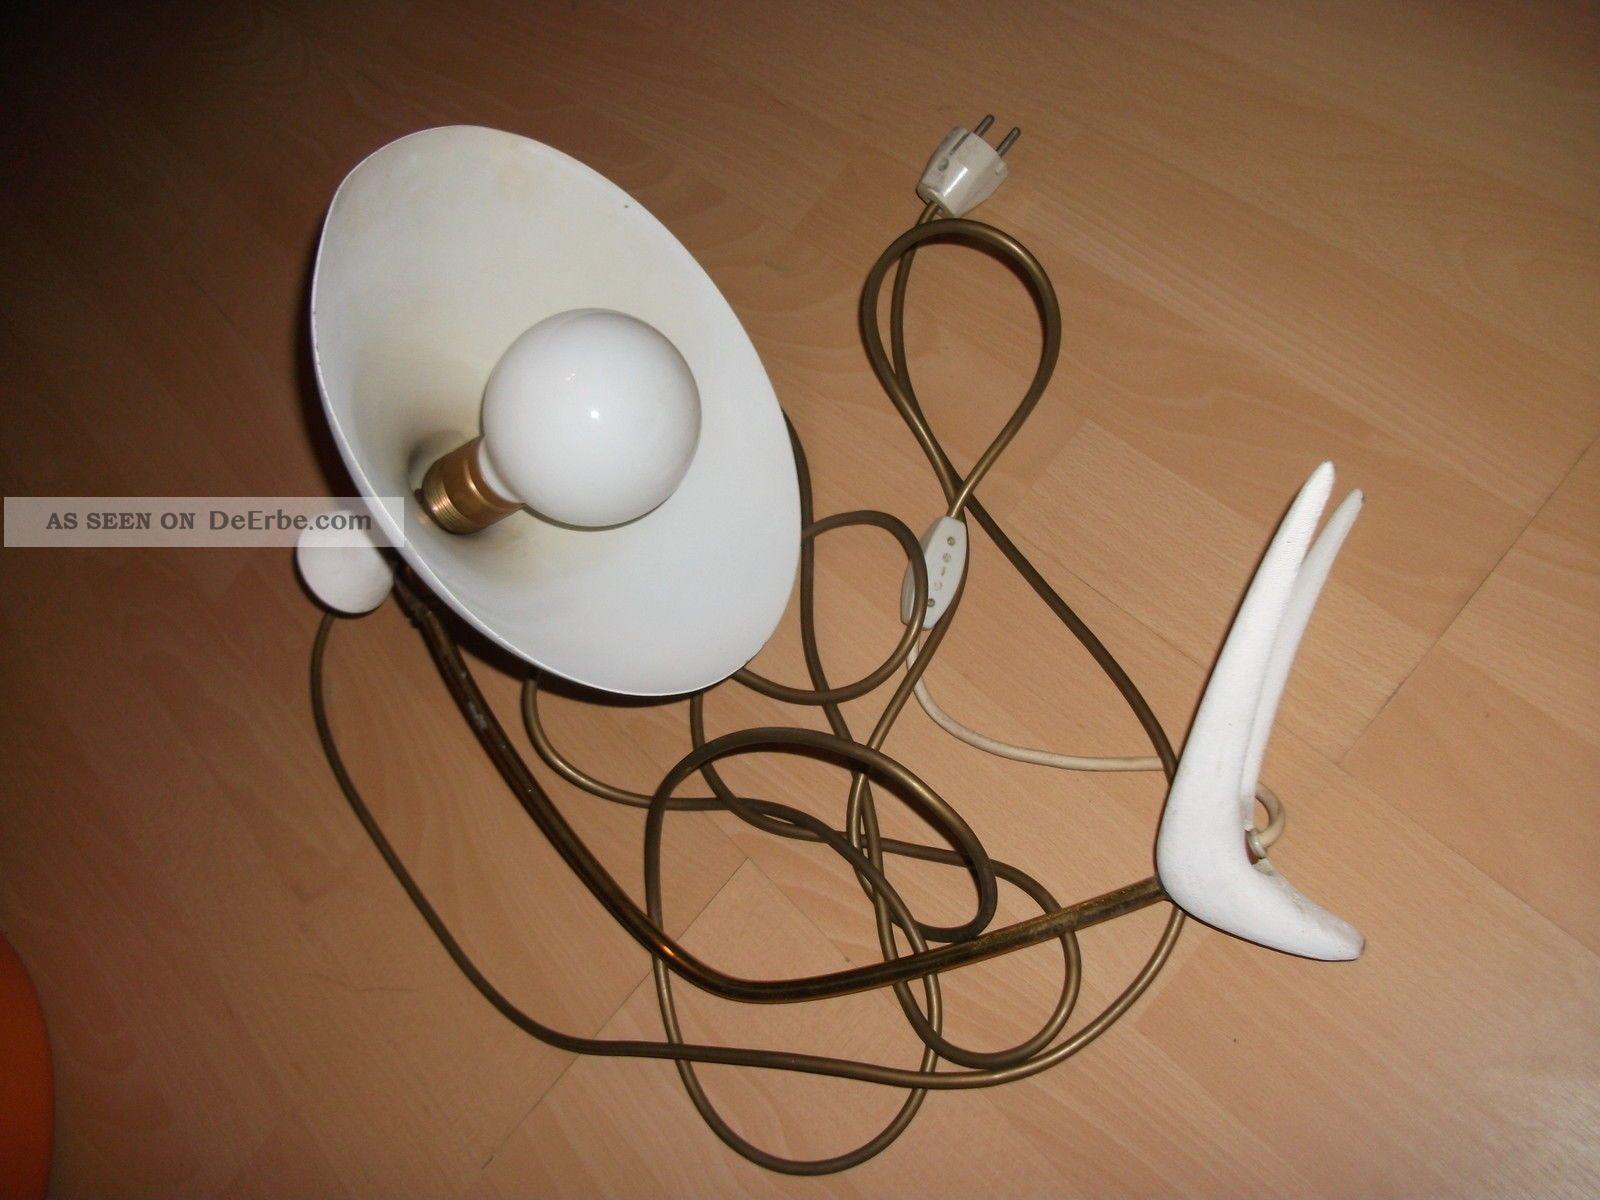 60er 70er jahre lampe tischlampe vintage wei designlampe design mamoriert. Black Bedroom Furniture Sets. Home Design Ideas